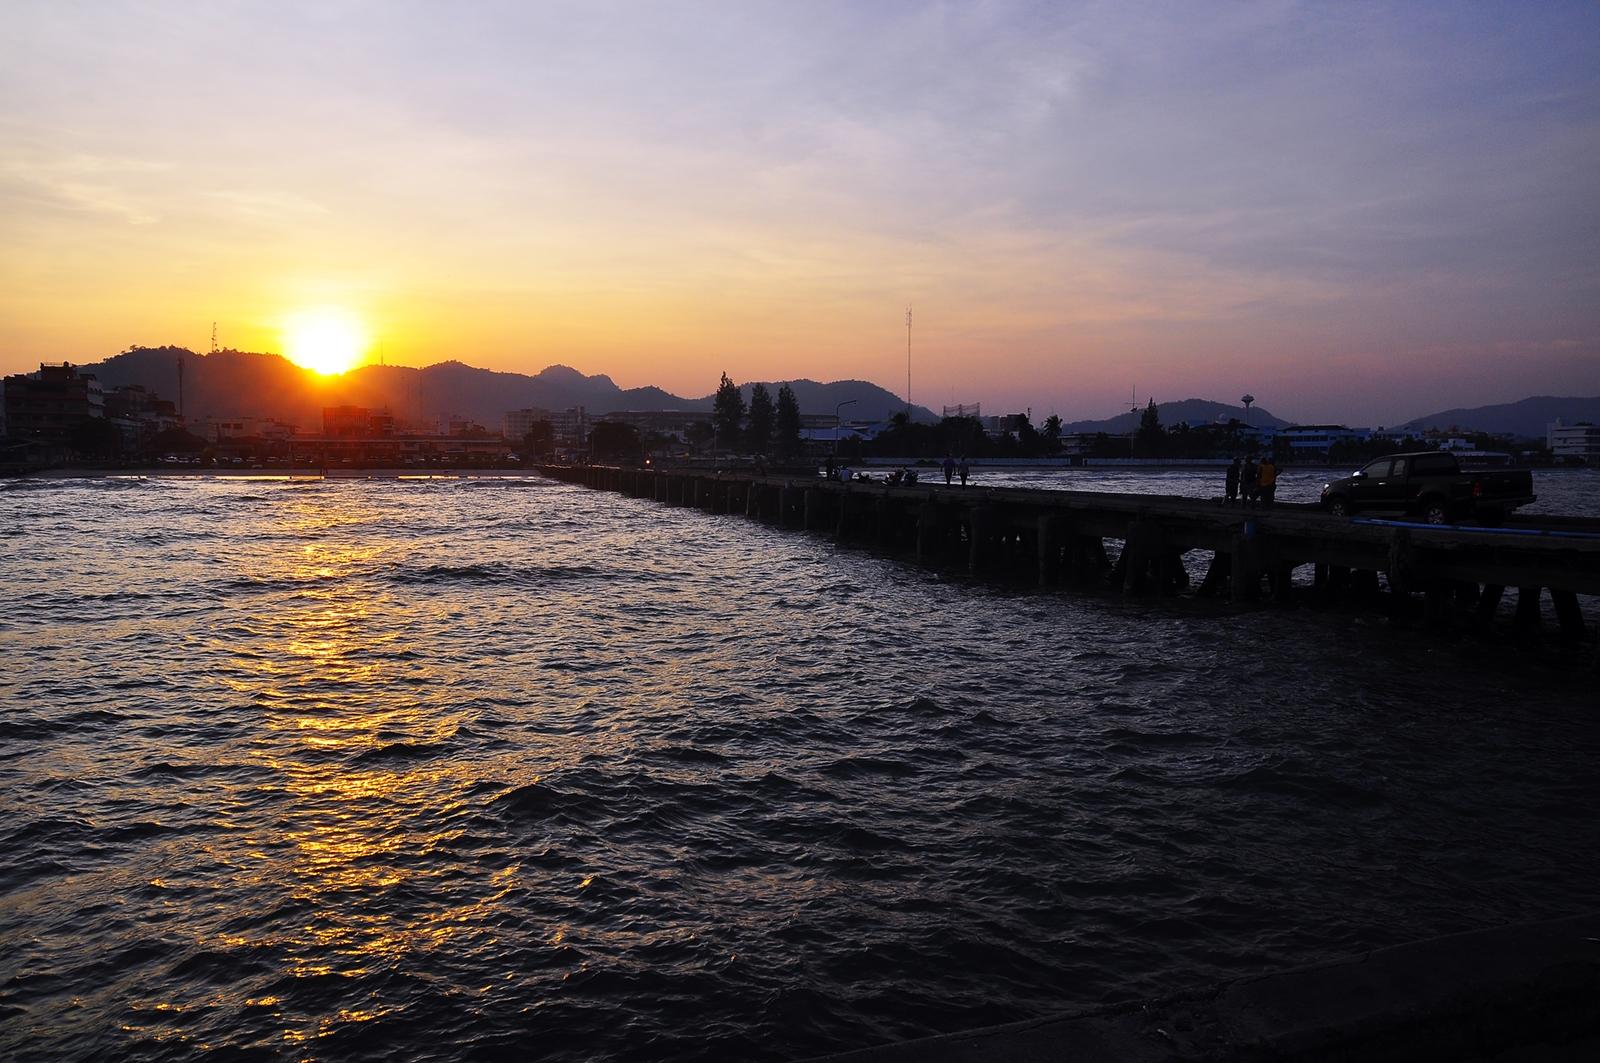 Sunset at the Hua Hin Pier